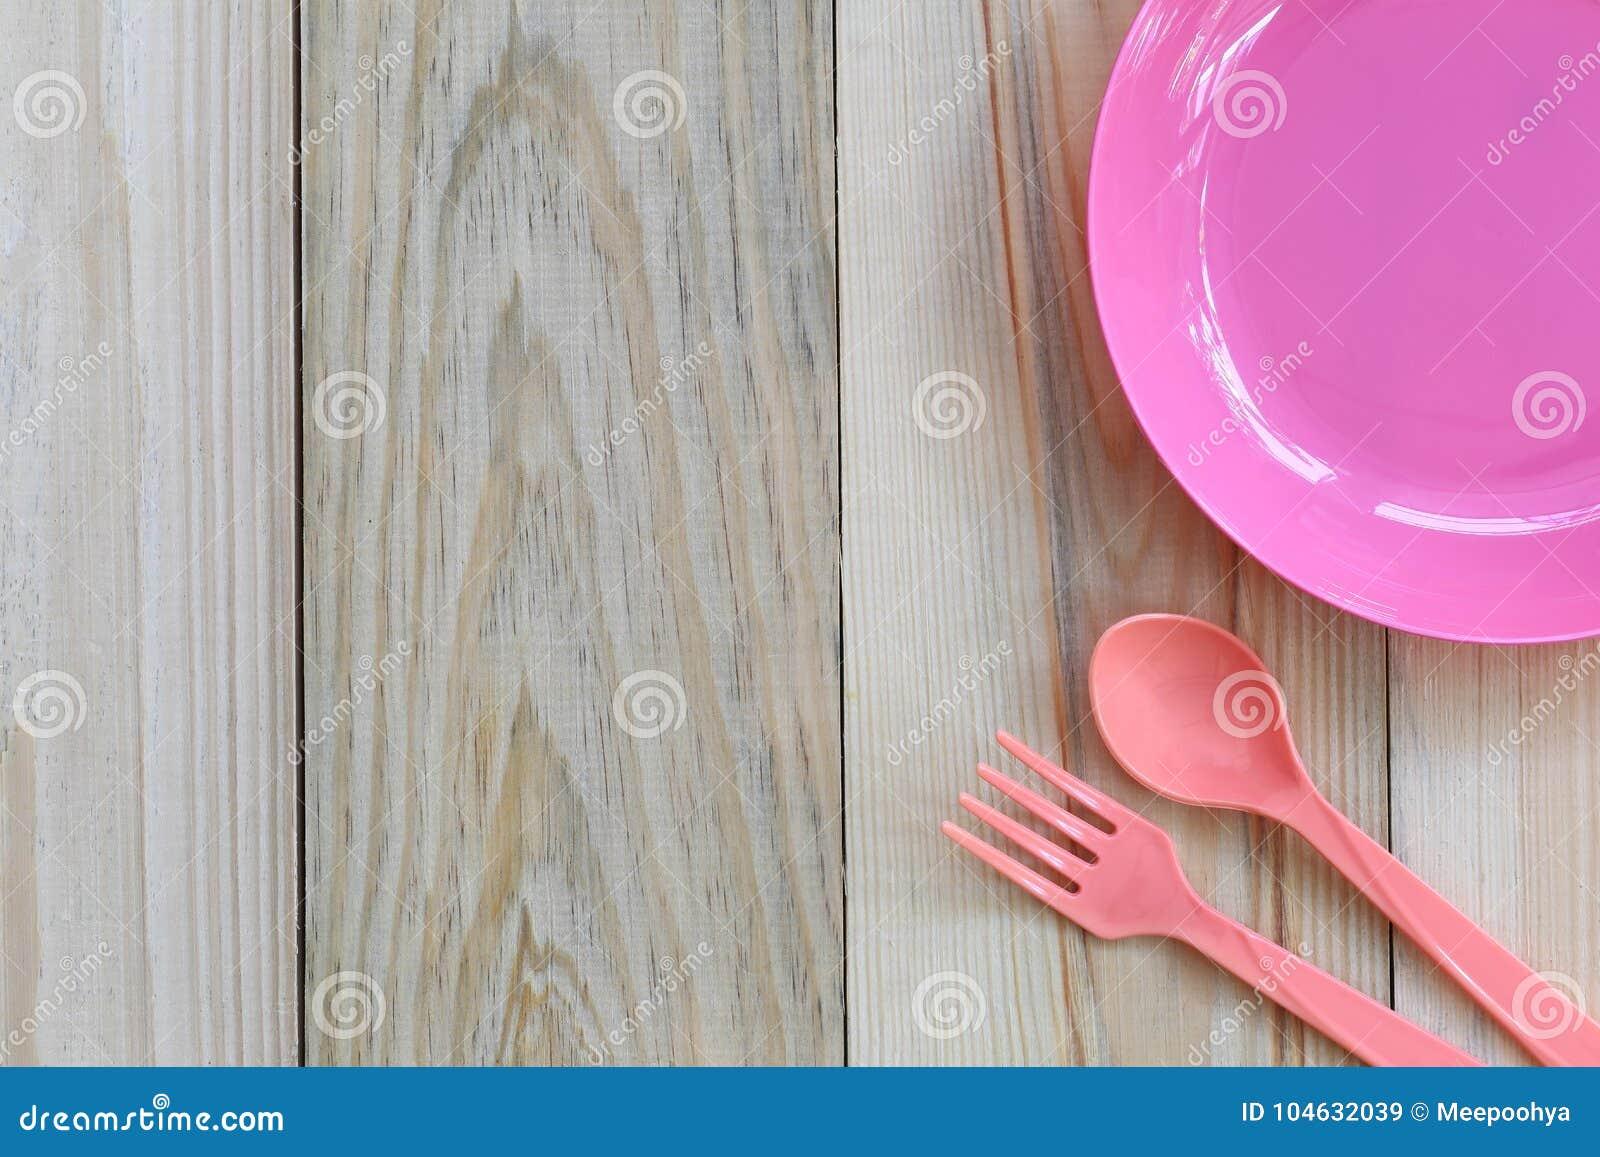 Download Lege Roze Plastic Die Schotel En Lepel Op Houten Vloer Wordt Geplaatst Stock Afbeelding - Afbeelding bestaande uit modern, cooking: 104632039